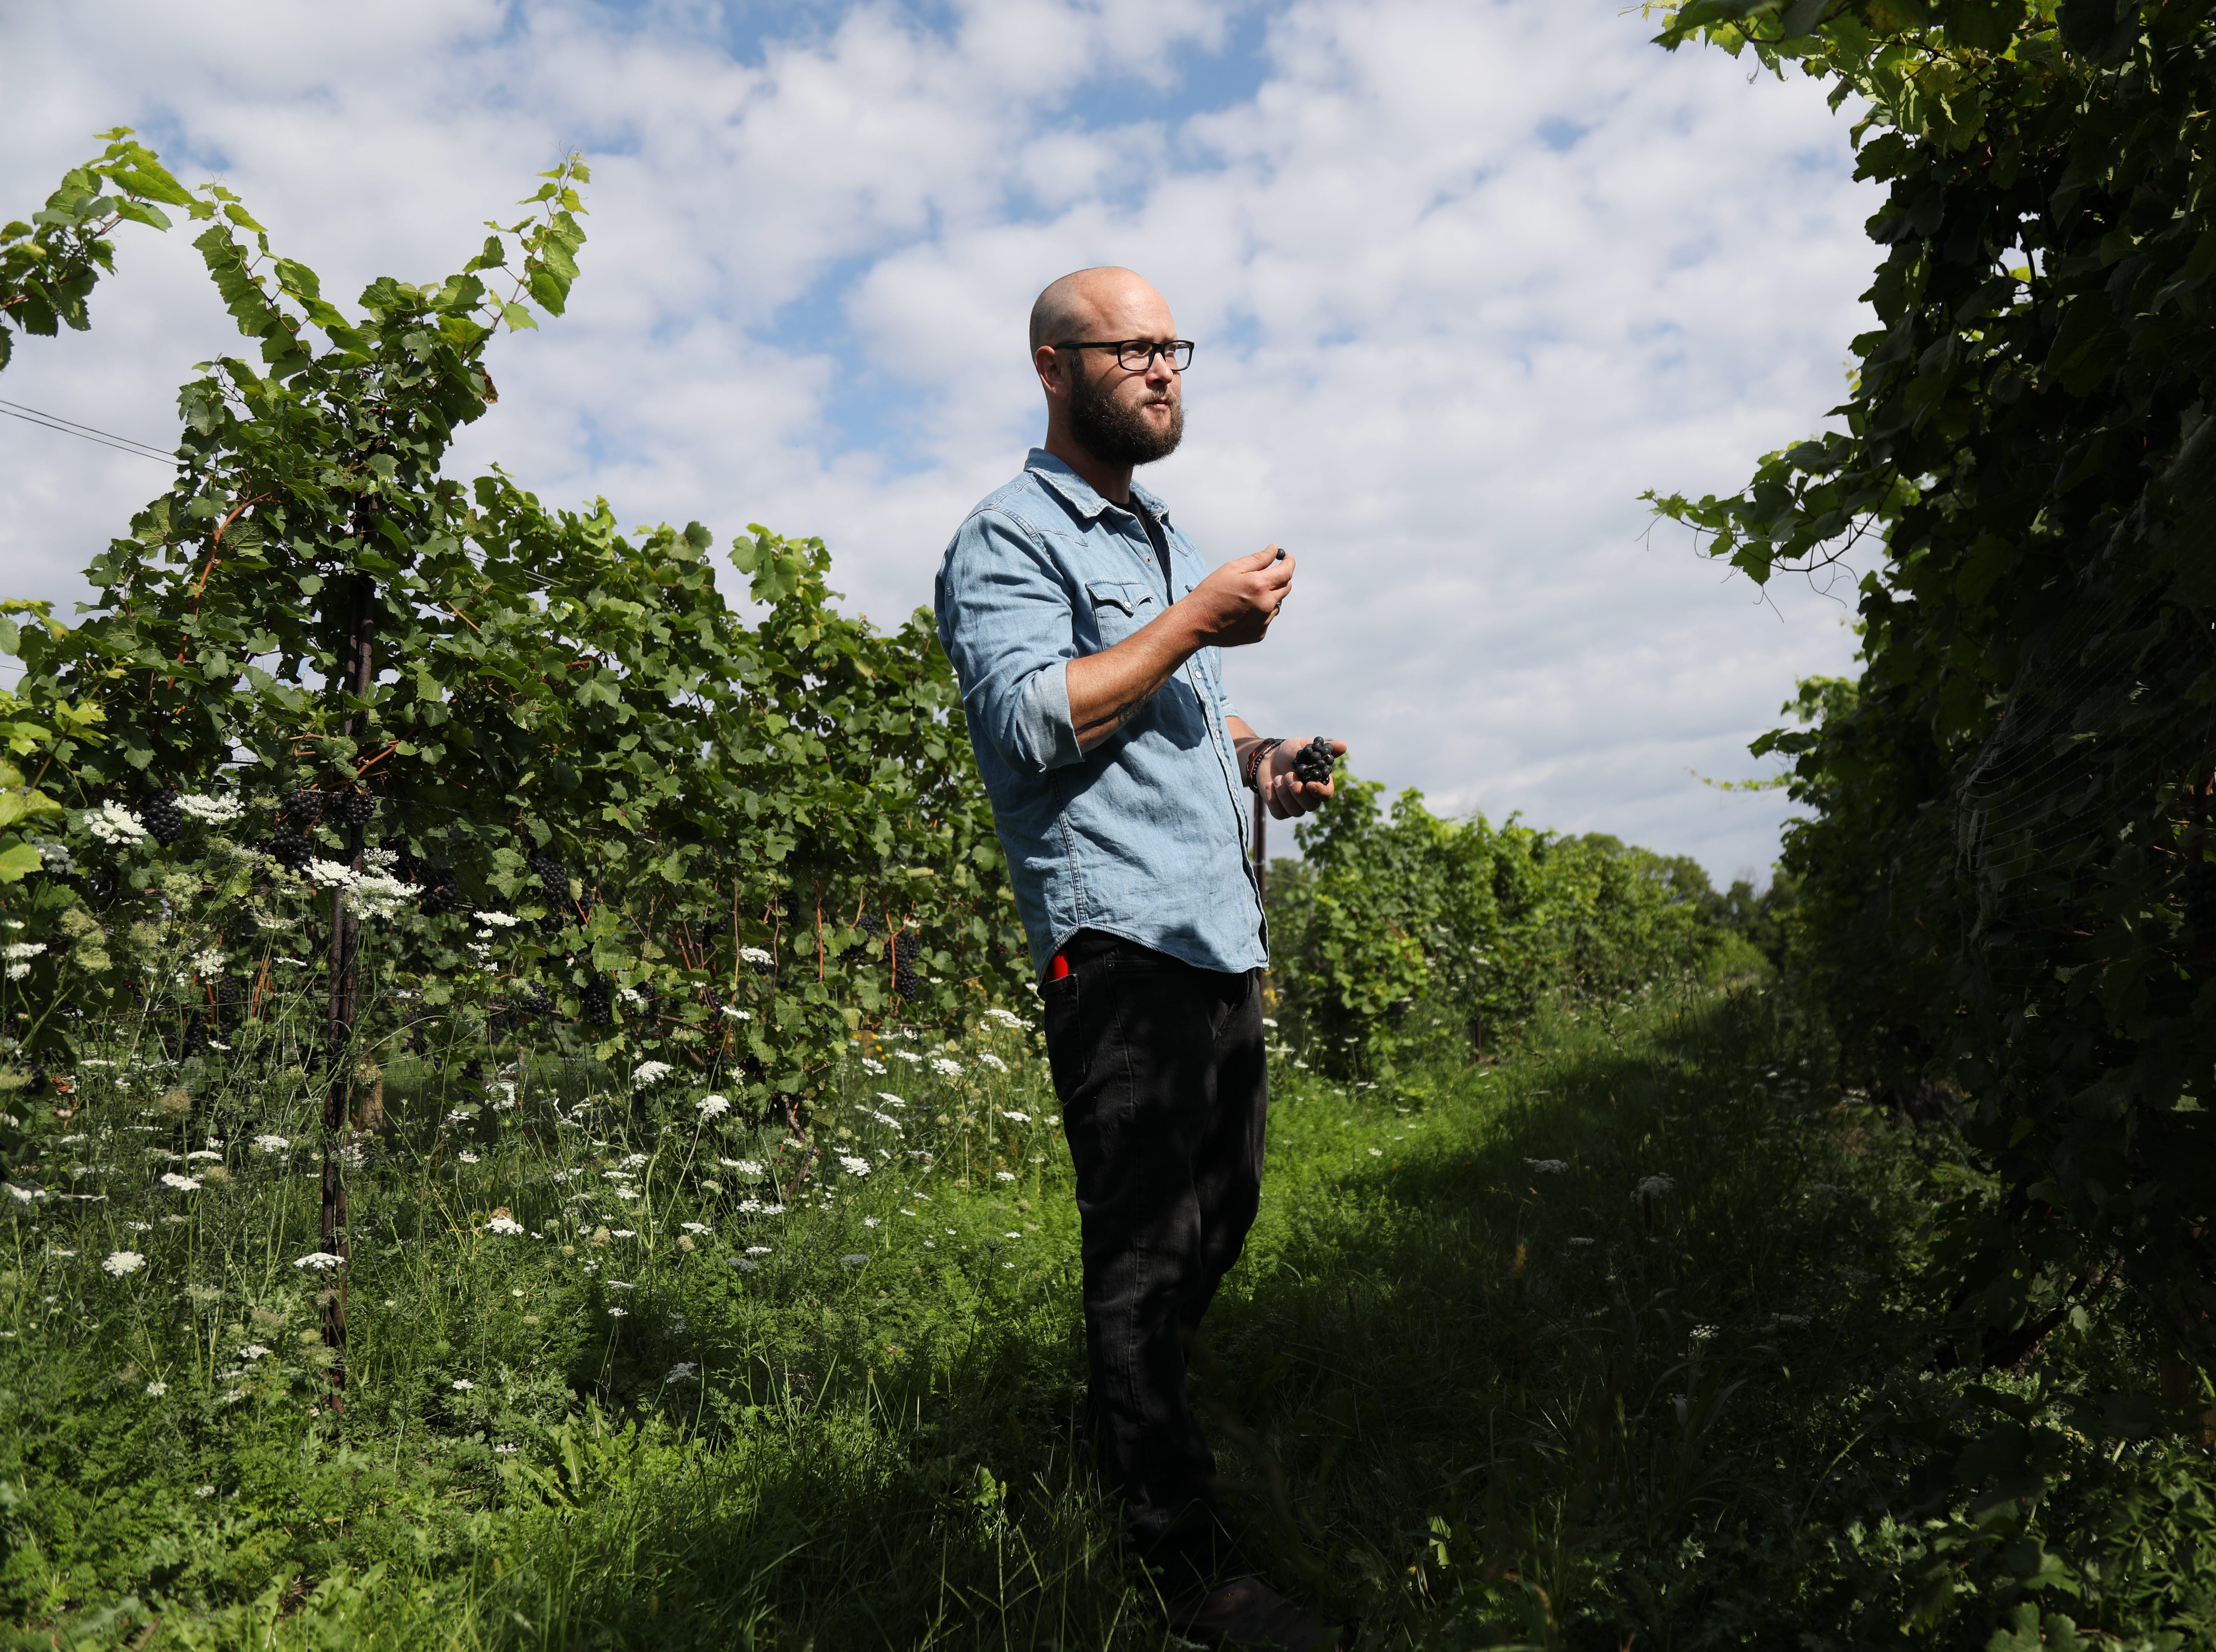 Nathan Kendall, who owns Nathan K. Wines tastes Pinot Noir grapes at Tuller Vineyards on Seneca Lake.